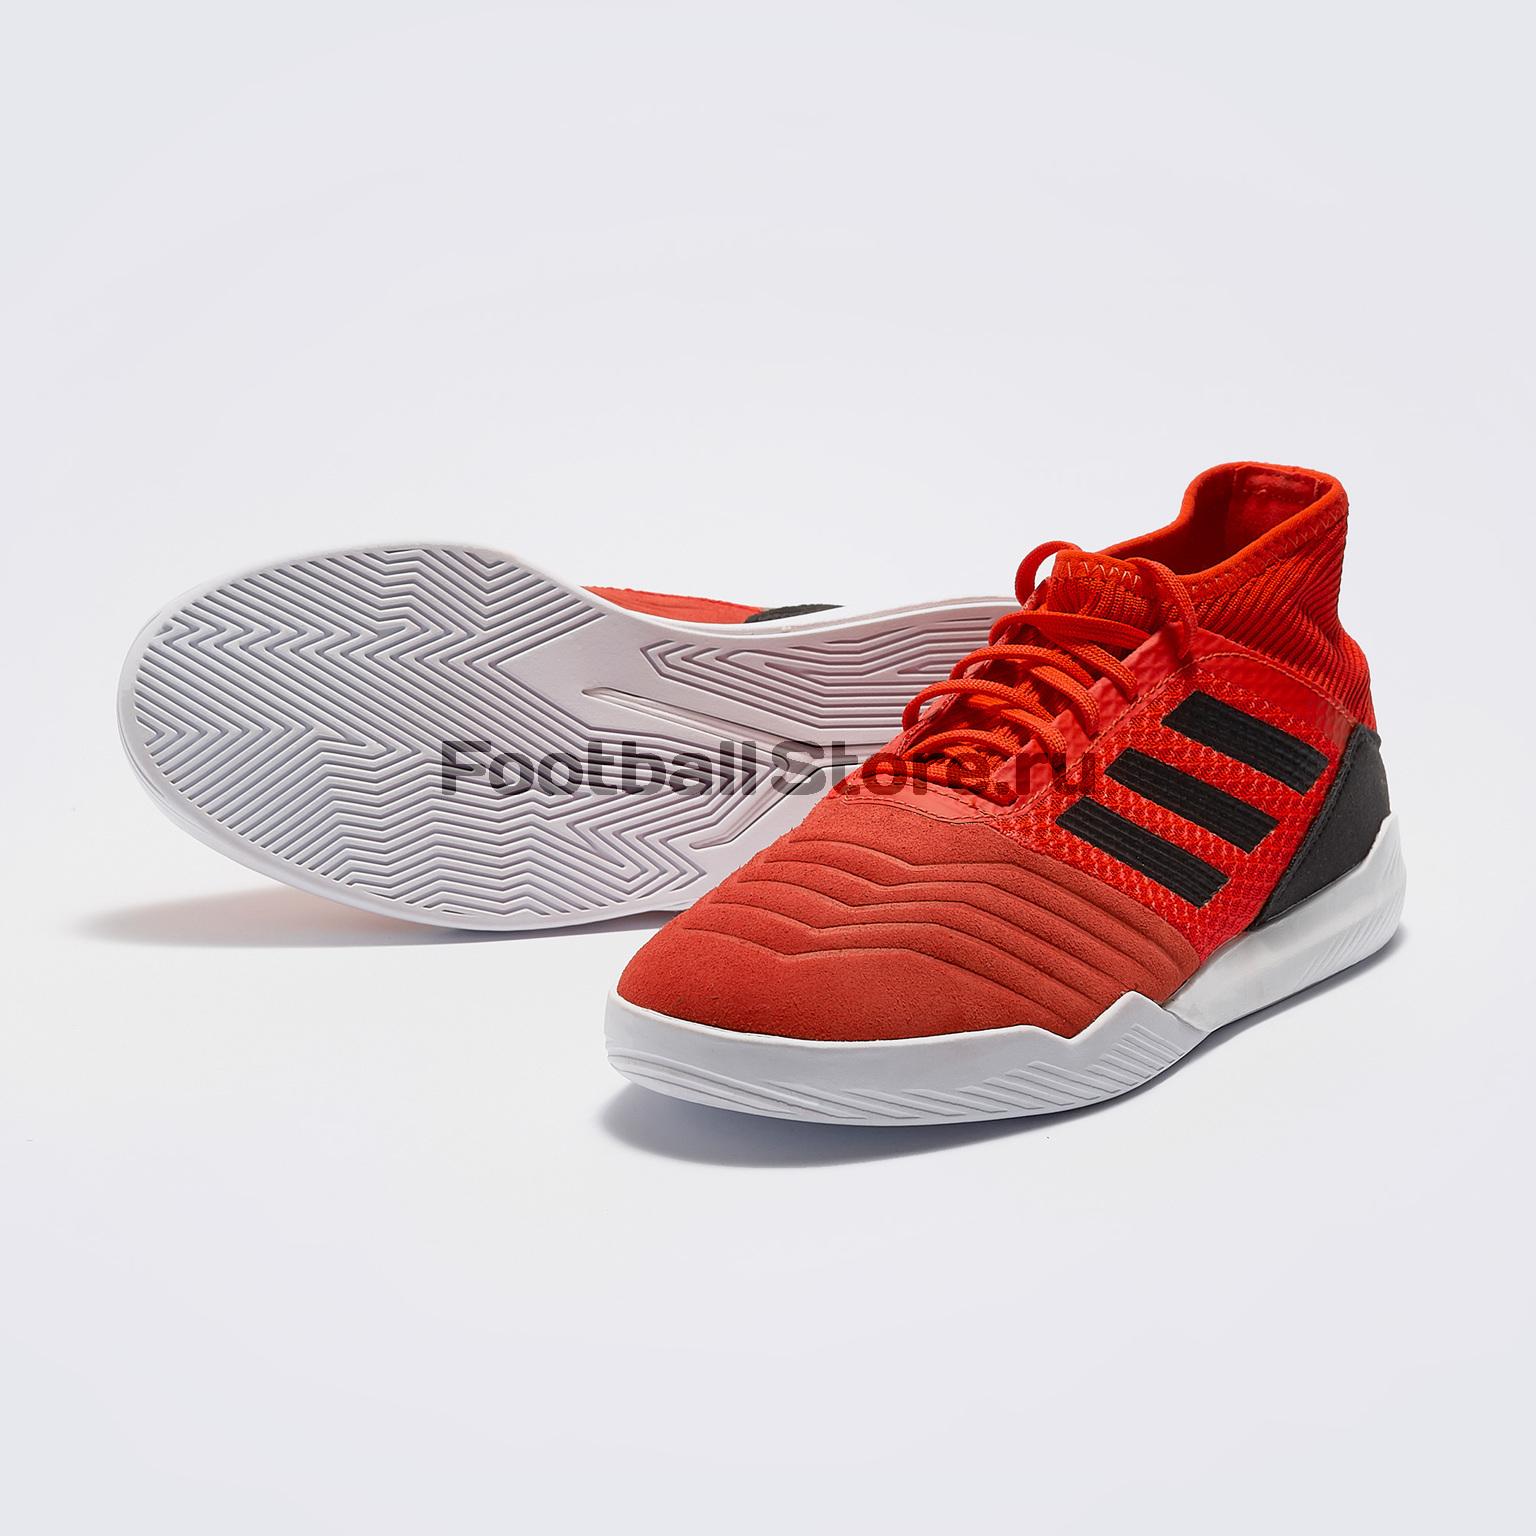 Футбольная обувь Adidas Predator 19.3 TR D97969